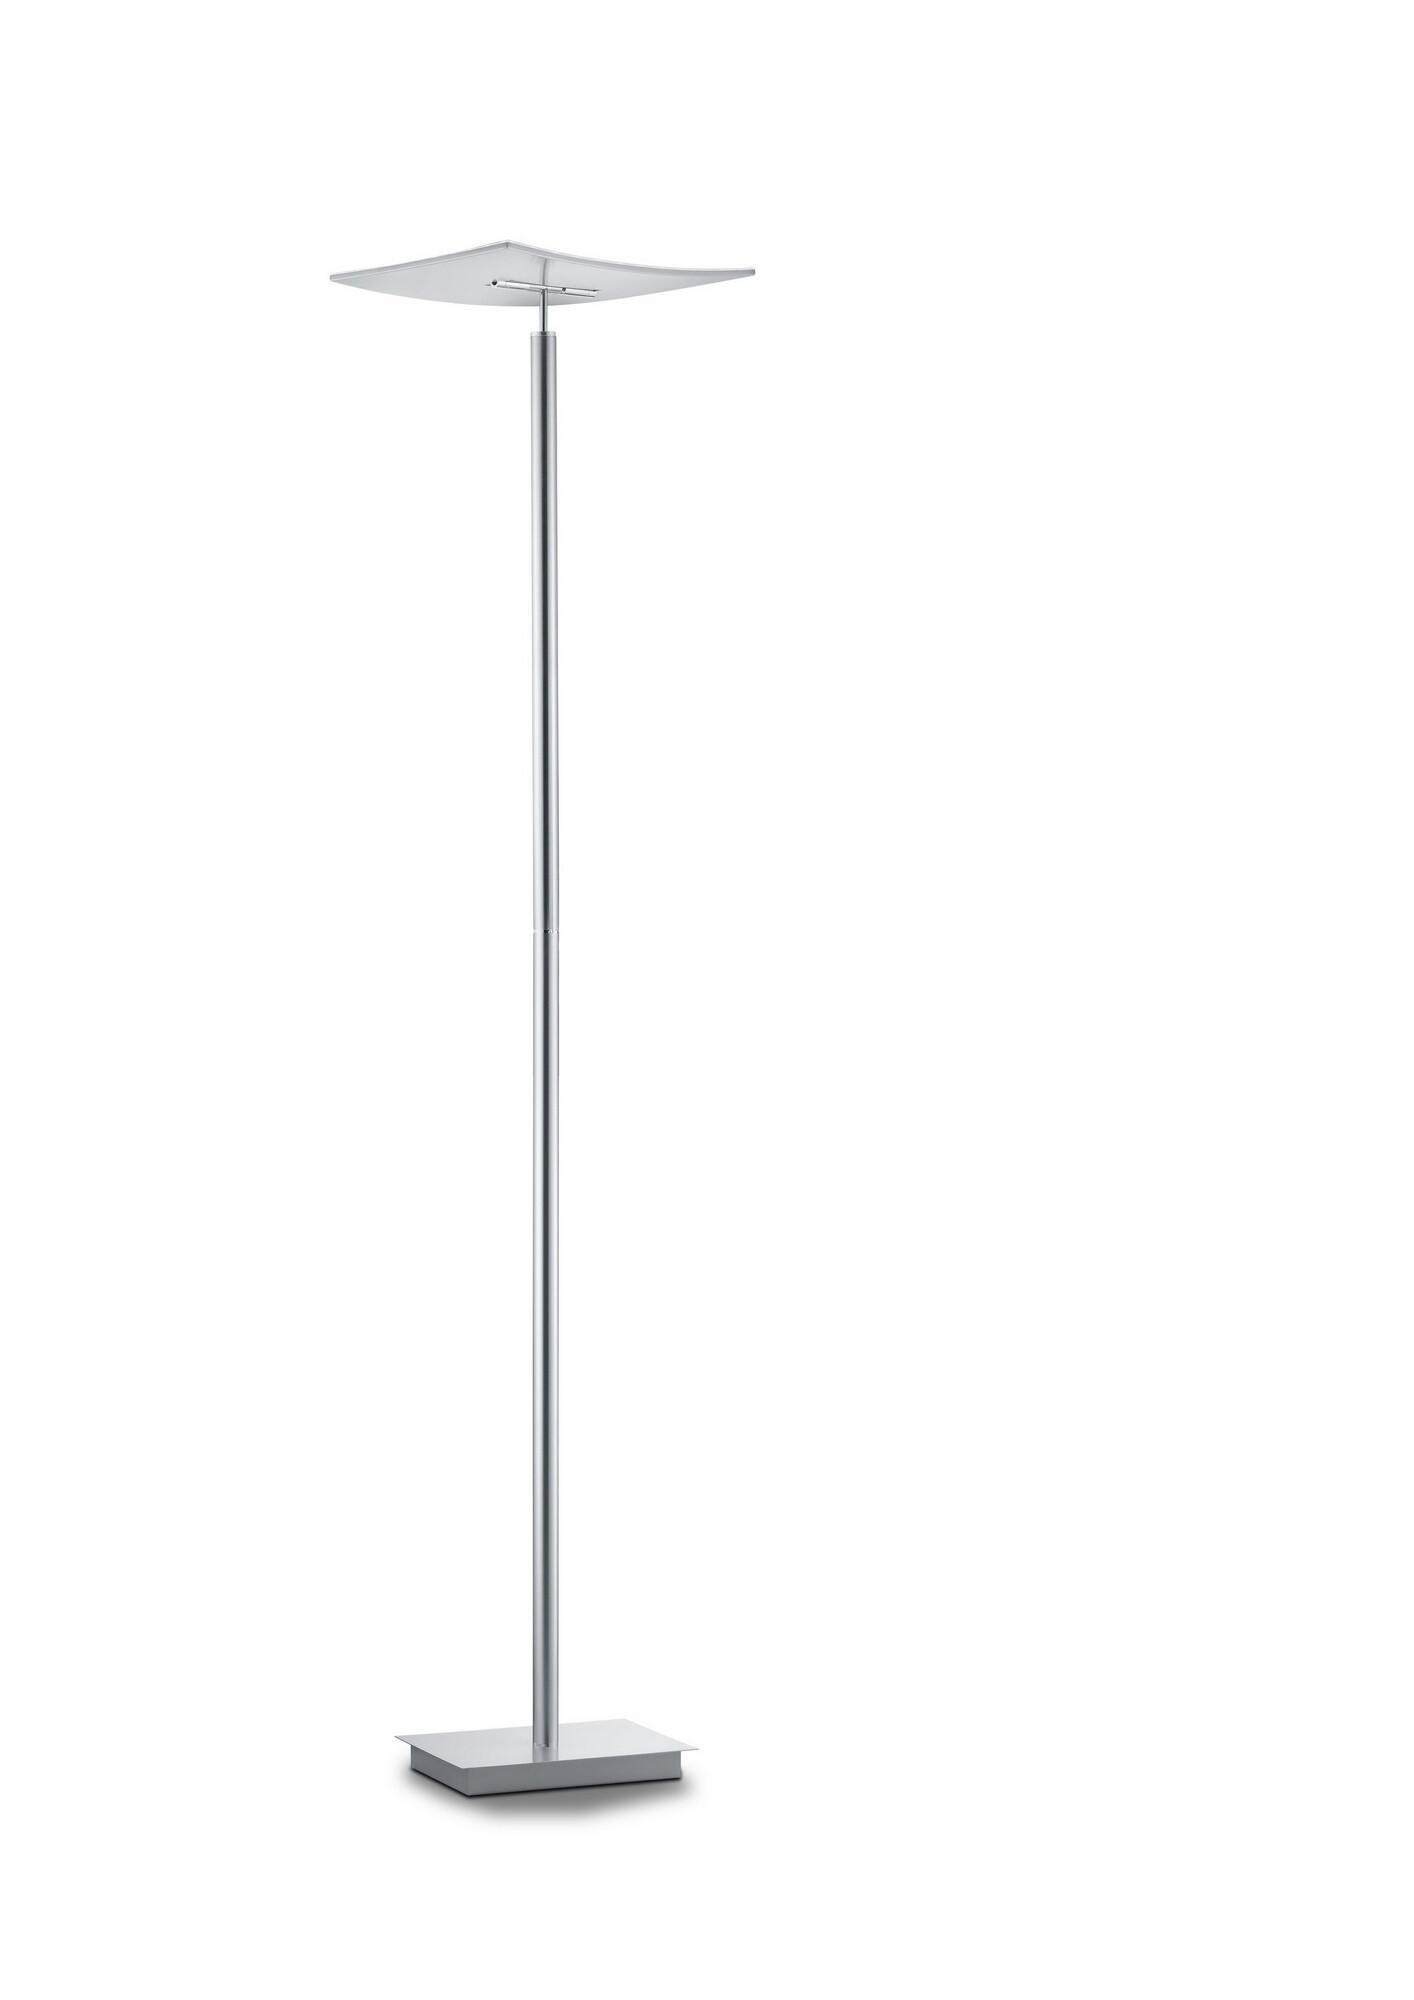 MODENA Lampadaire LED 1x36W/3500lm Argent